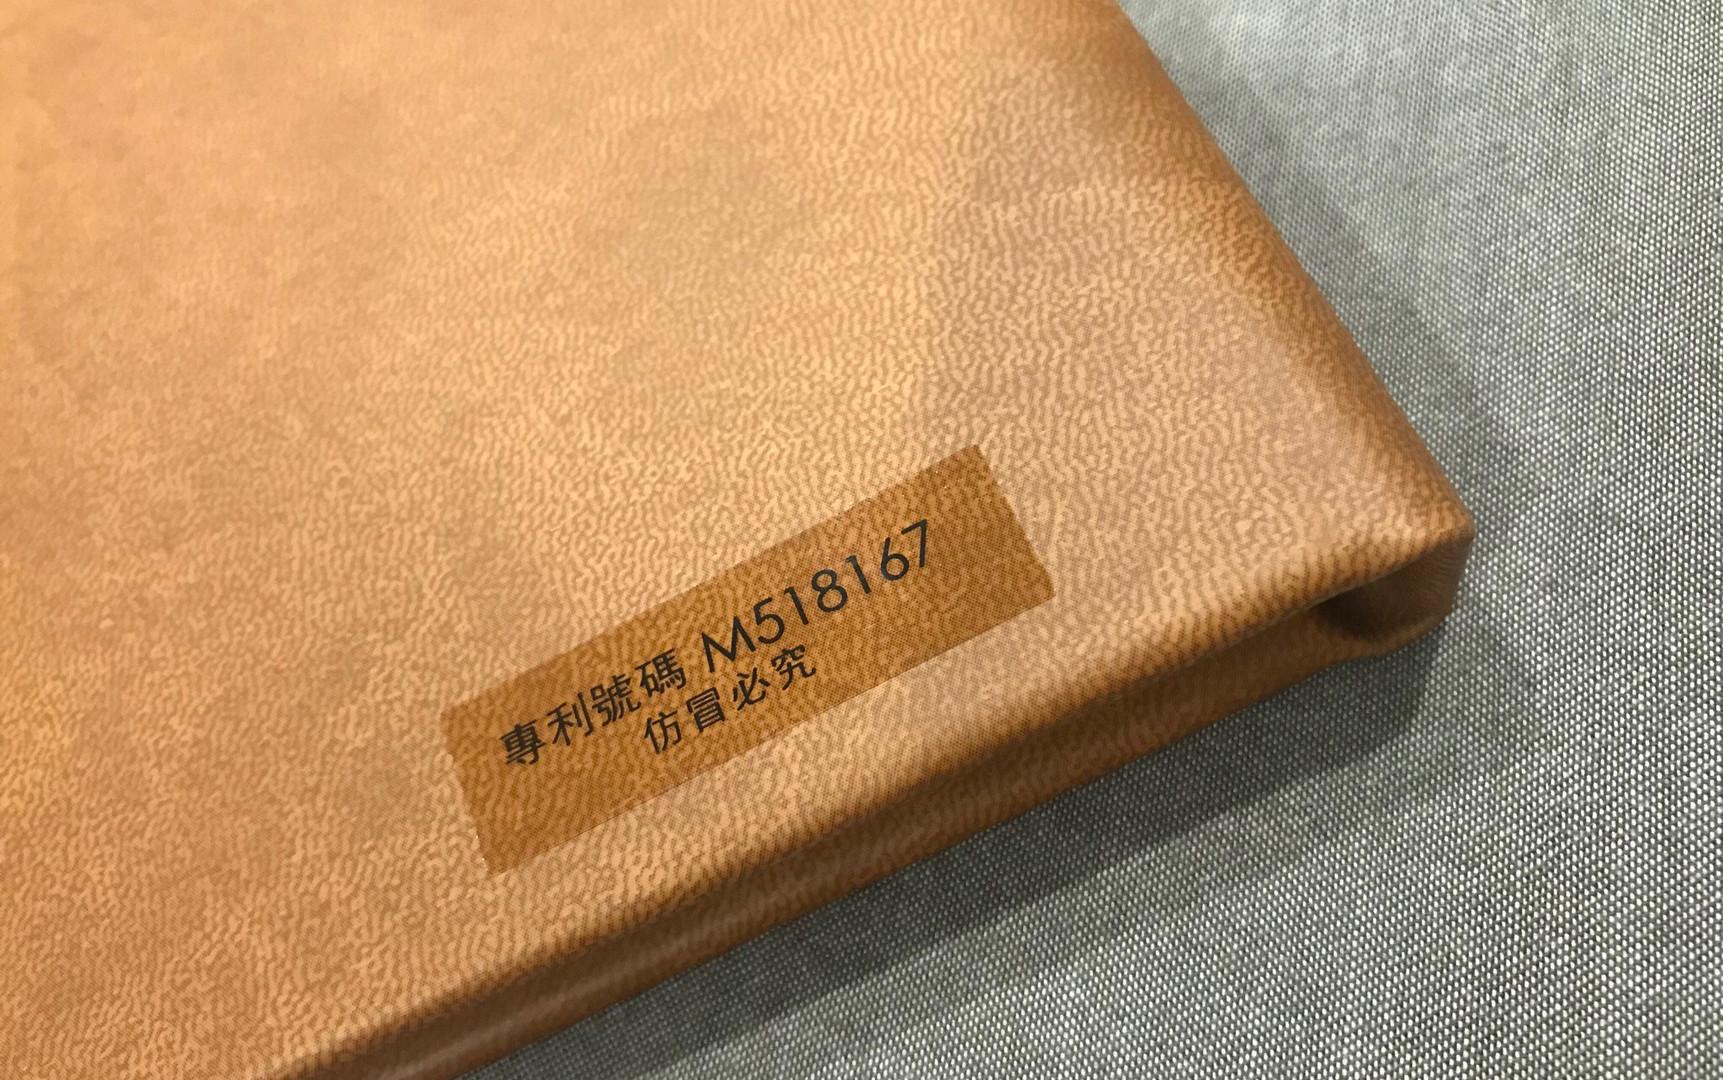 TOO成品_專利設計標籤.jpg